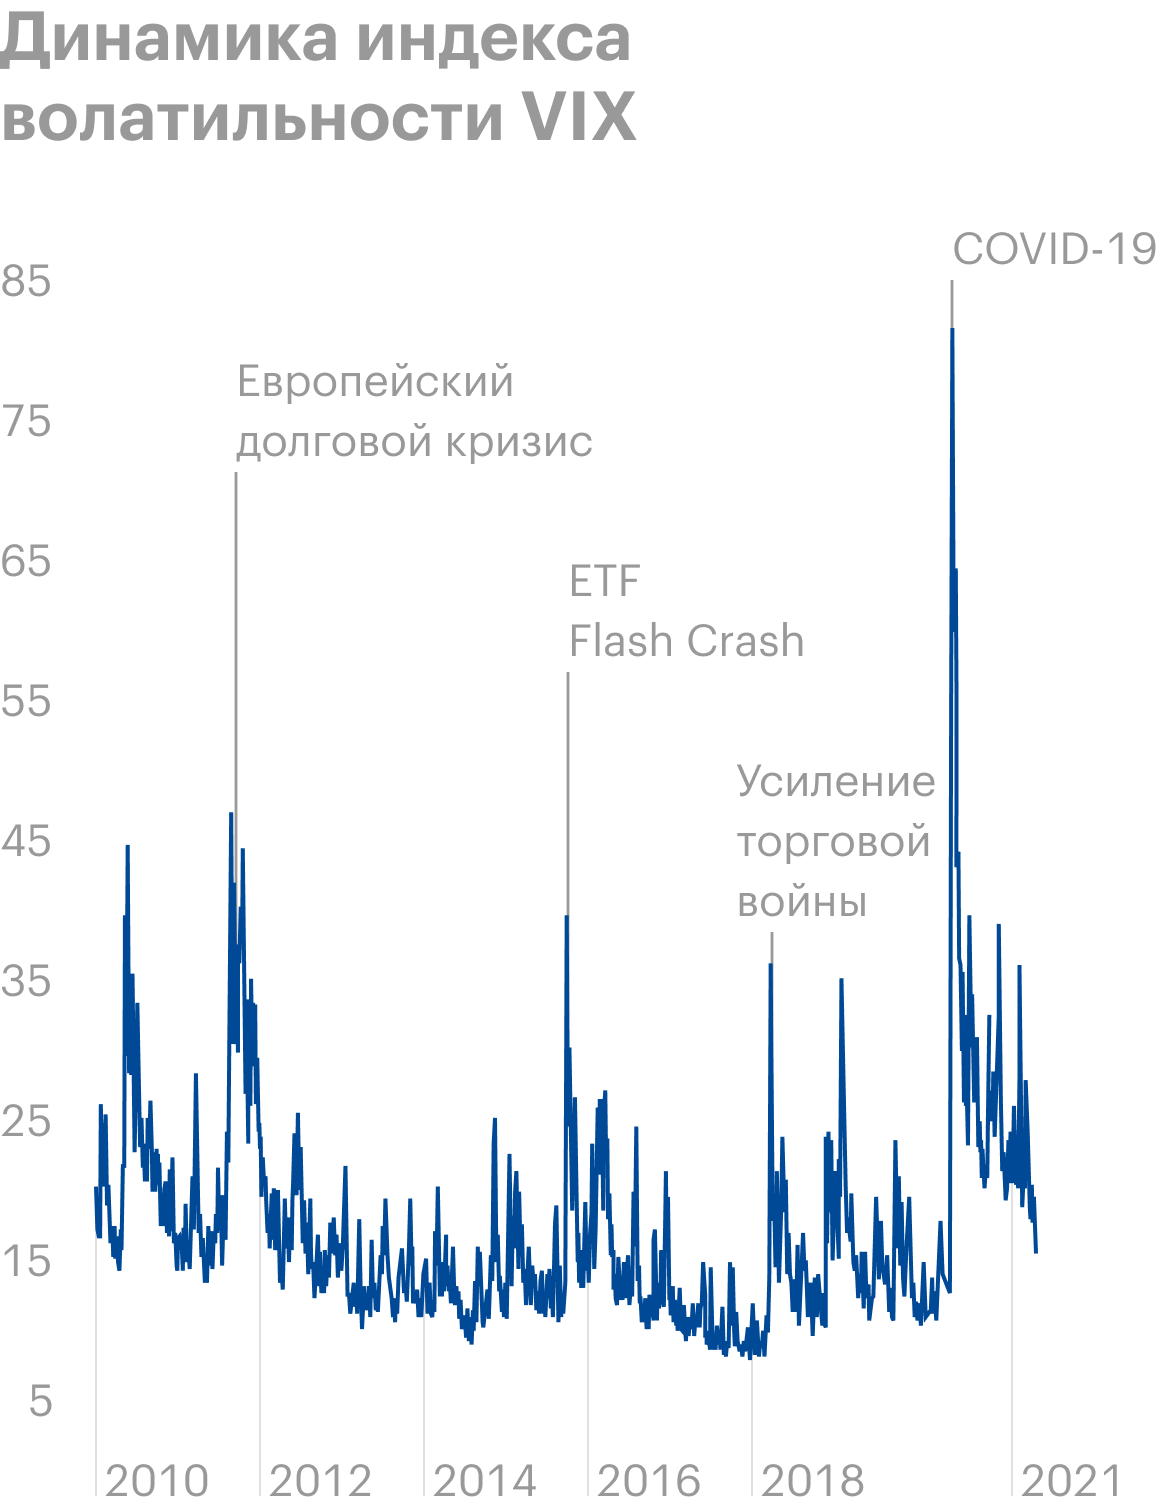 В начале 2020года во время эпидемии коронавируса, когда цены на фондовых рынках по всему миру падали, VIX достиг максимального значения с 2010года. В это время инвесторы предпочитали наличные, а не рискованные активы